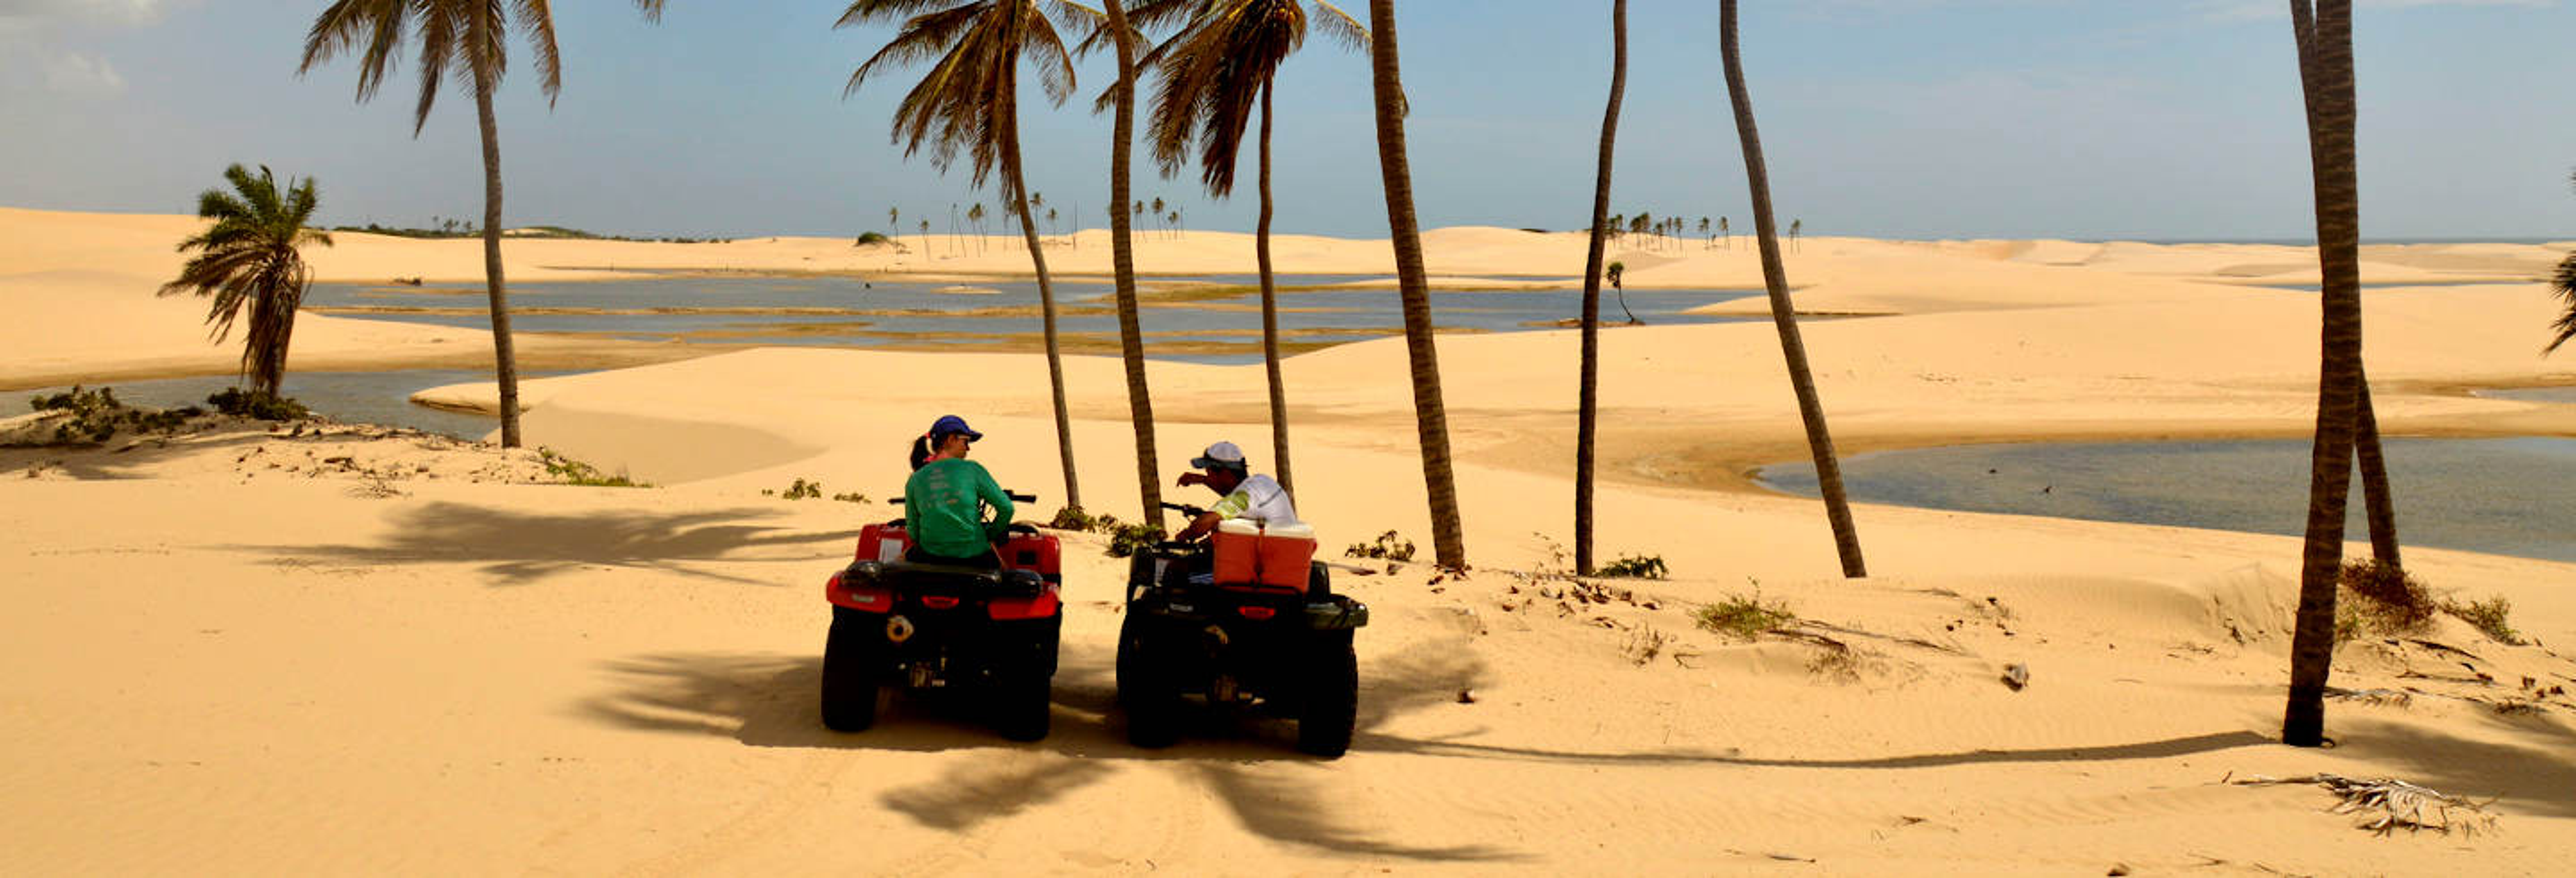 Tour del Parco Nazionale dei Lençóis Maranhenses in quad